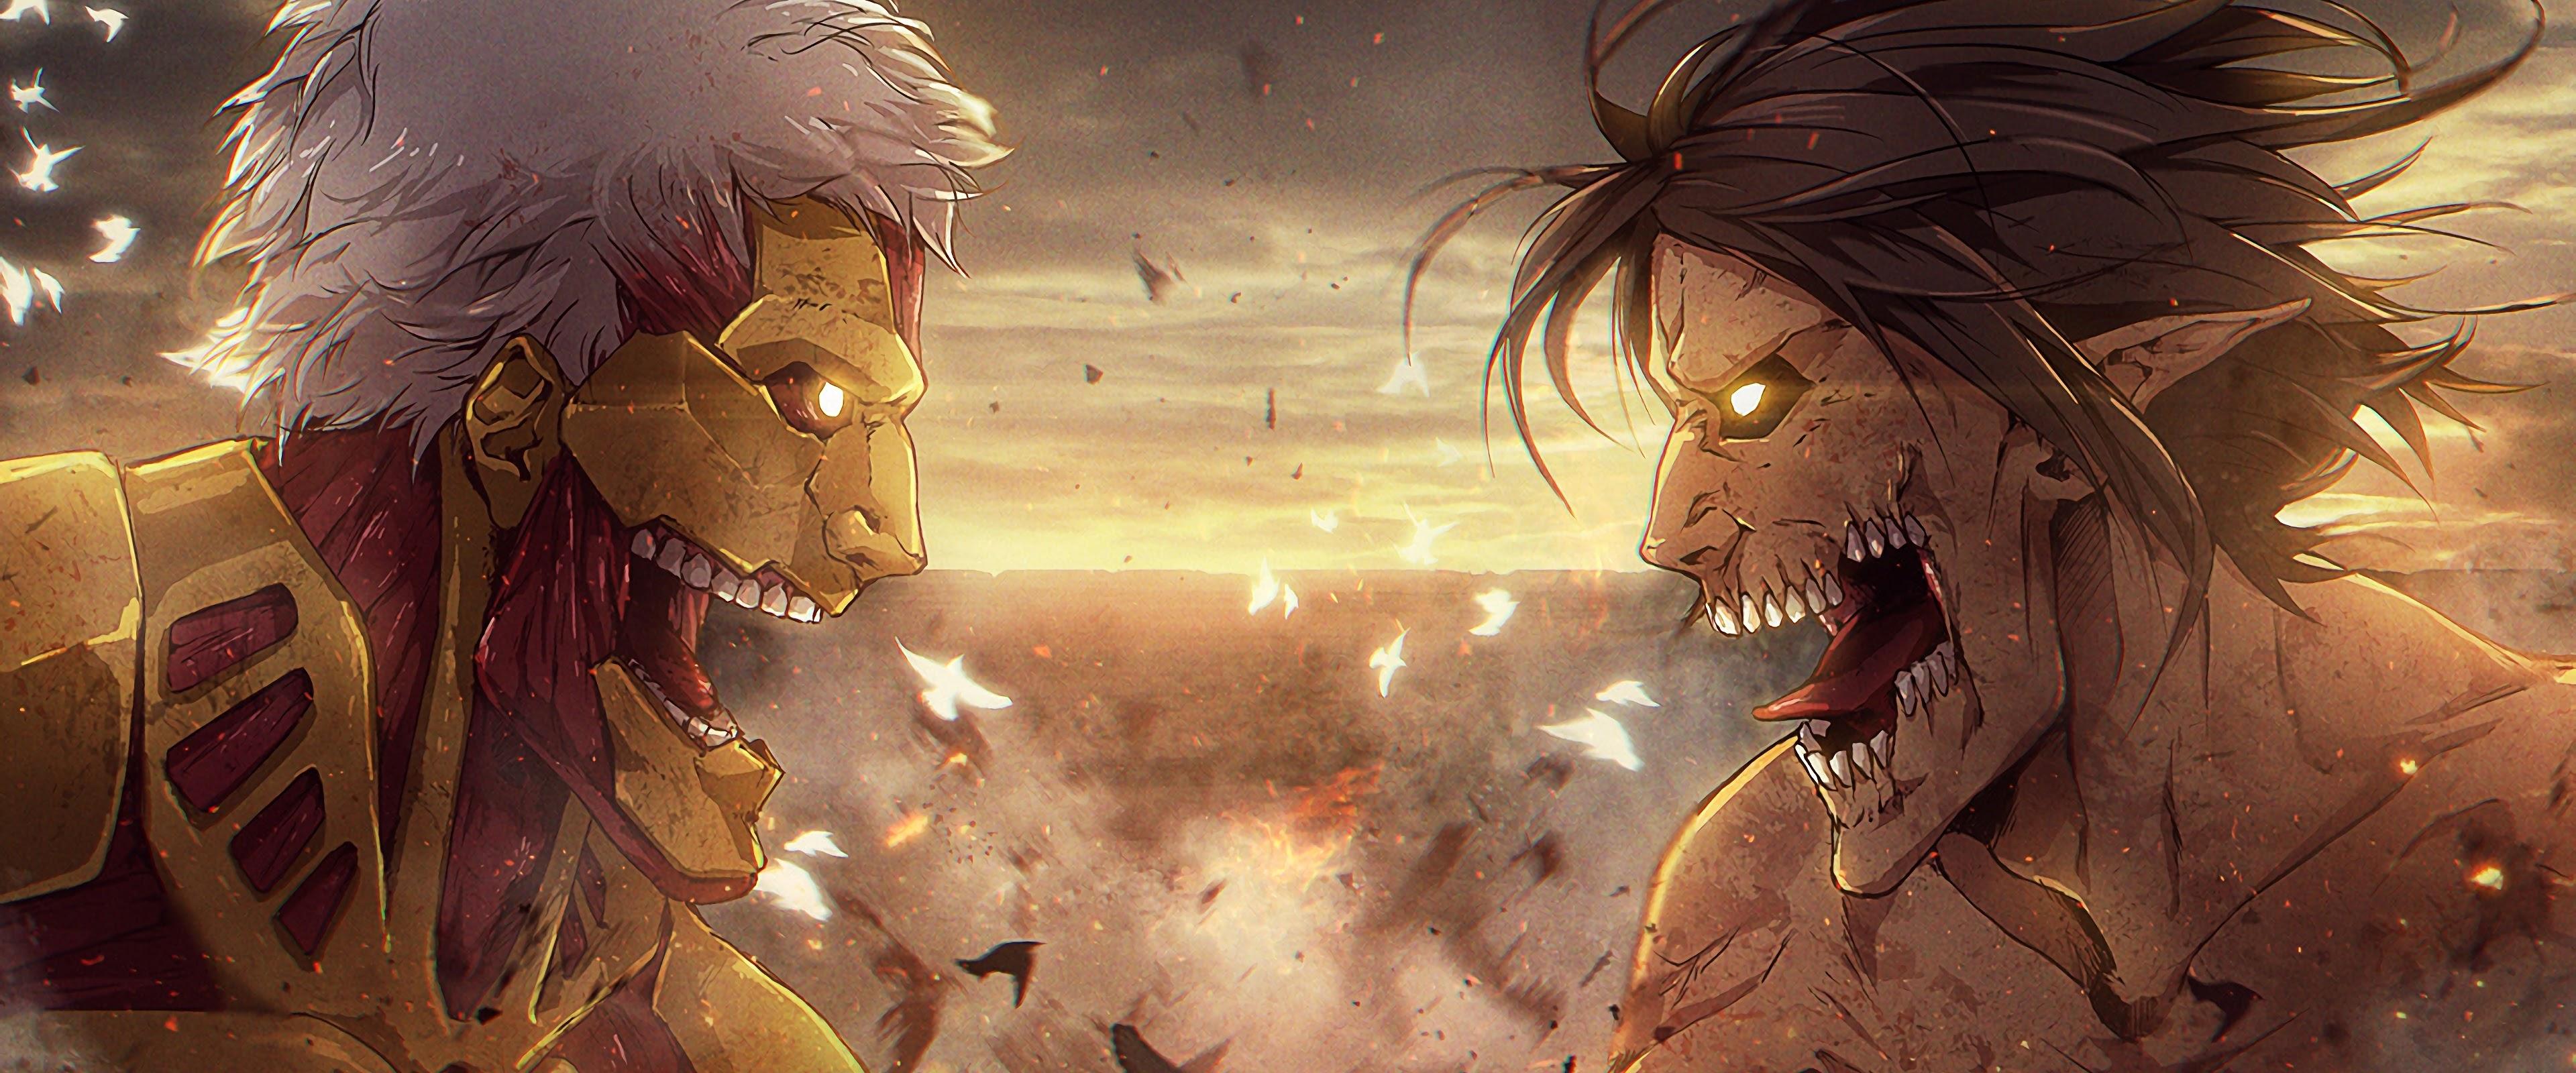 Armored Titan Vs Attack Titan Attack On Titan 4k Wallpaper 165